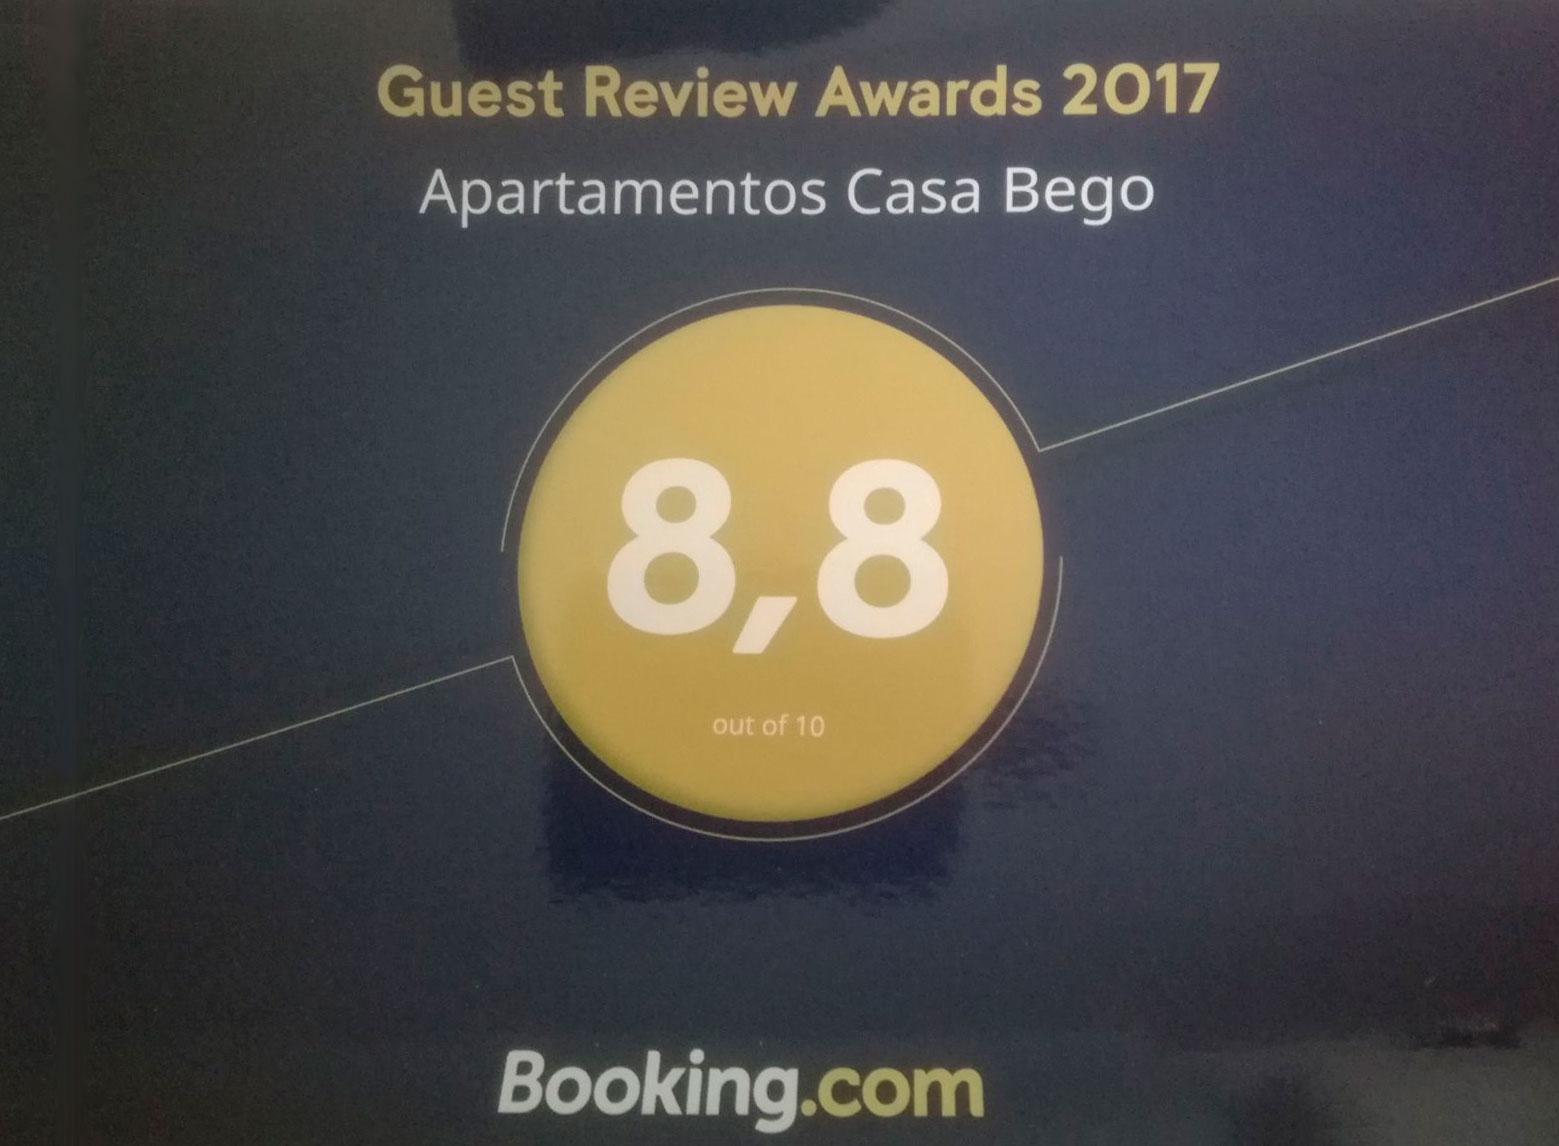 Premio 2017 de Booking.com a Apartamentos Casa Bego